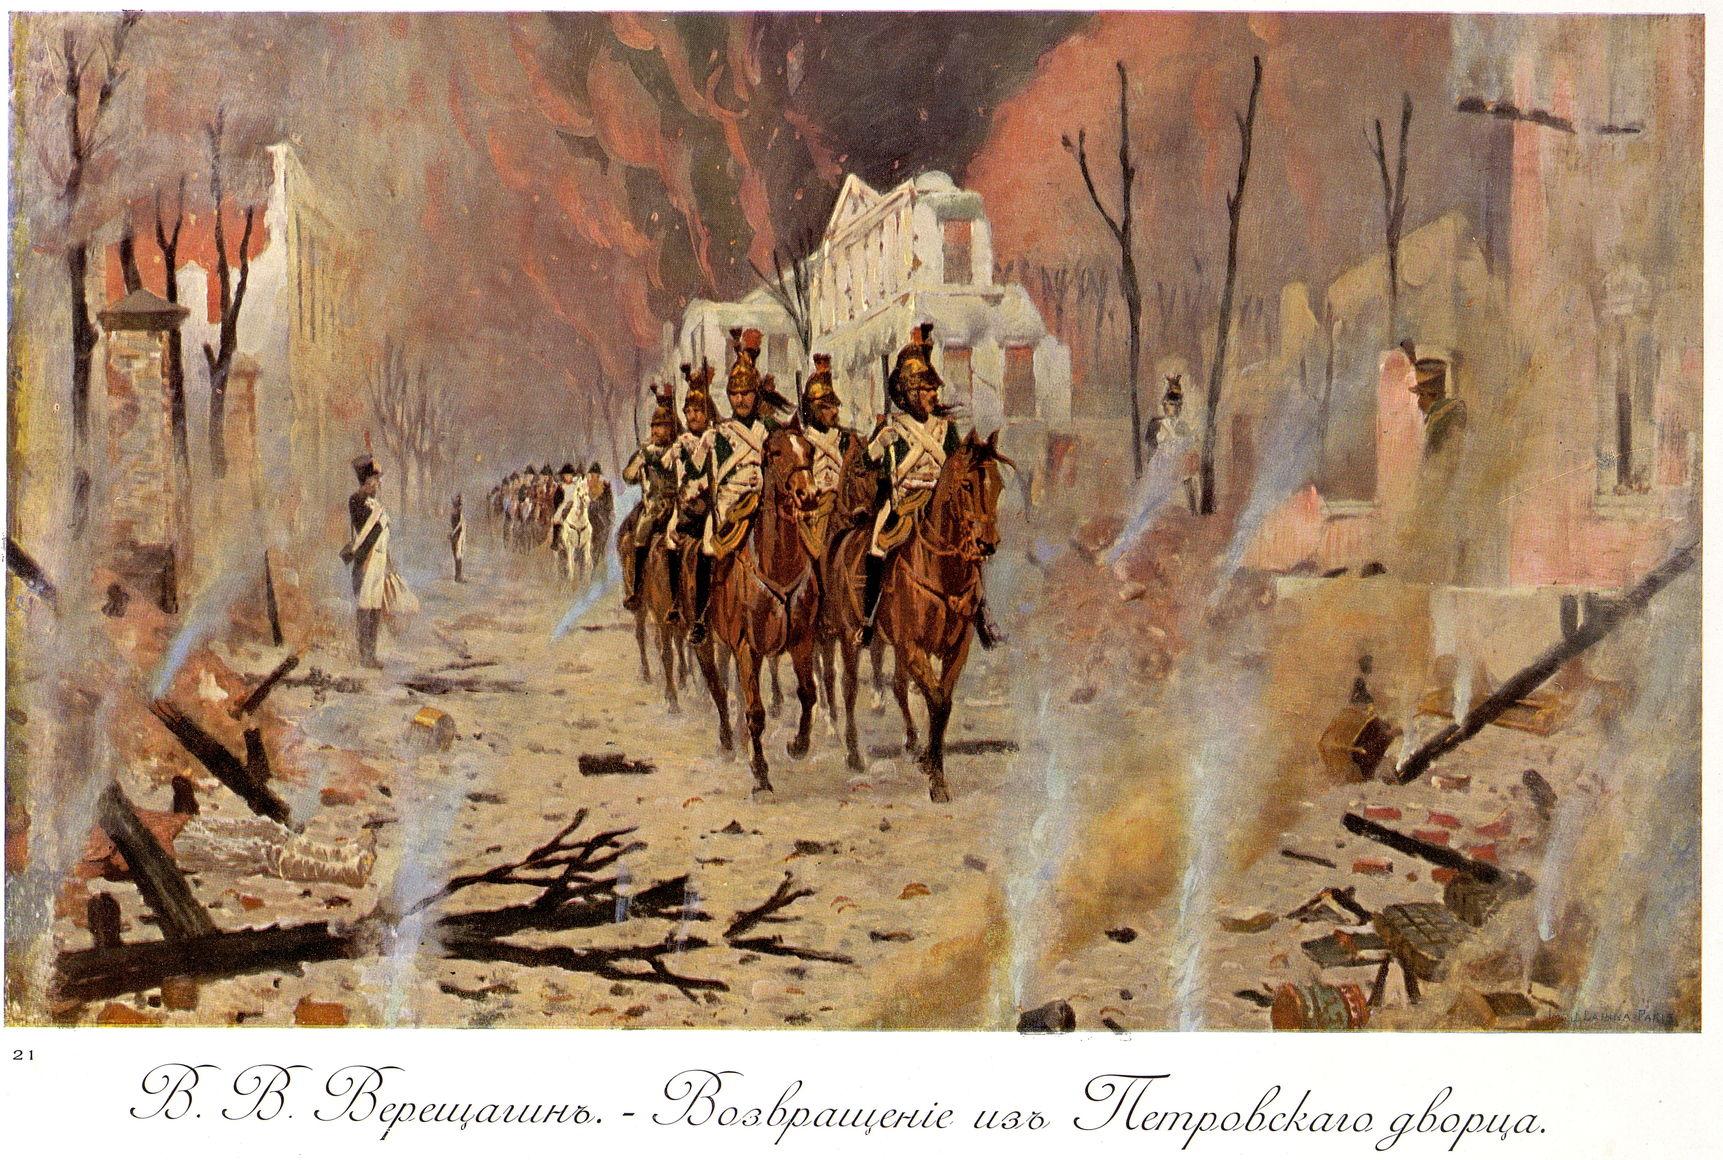 Верещагин В.В. Возвращение из Петровского дворца. Национальная галерея Армении